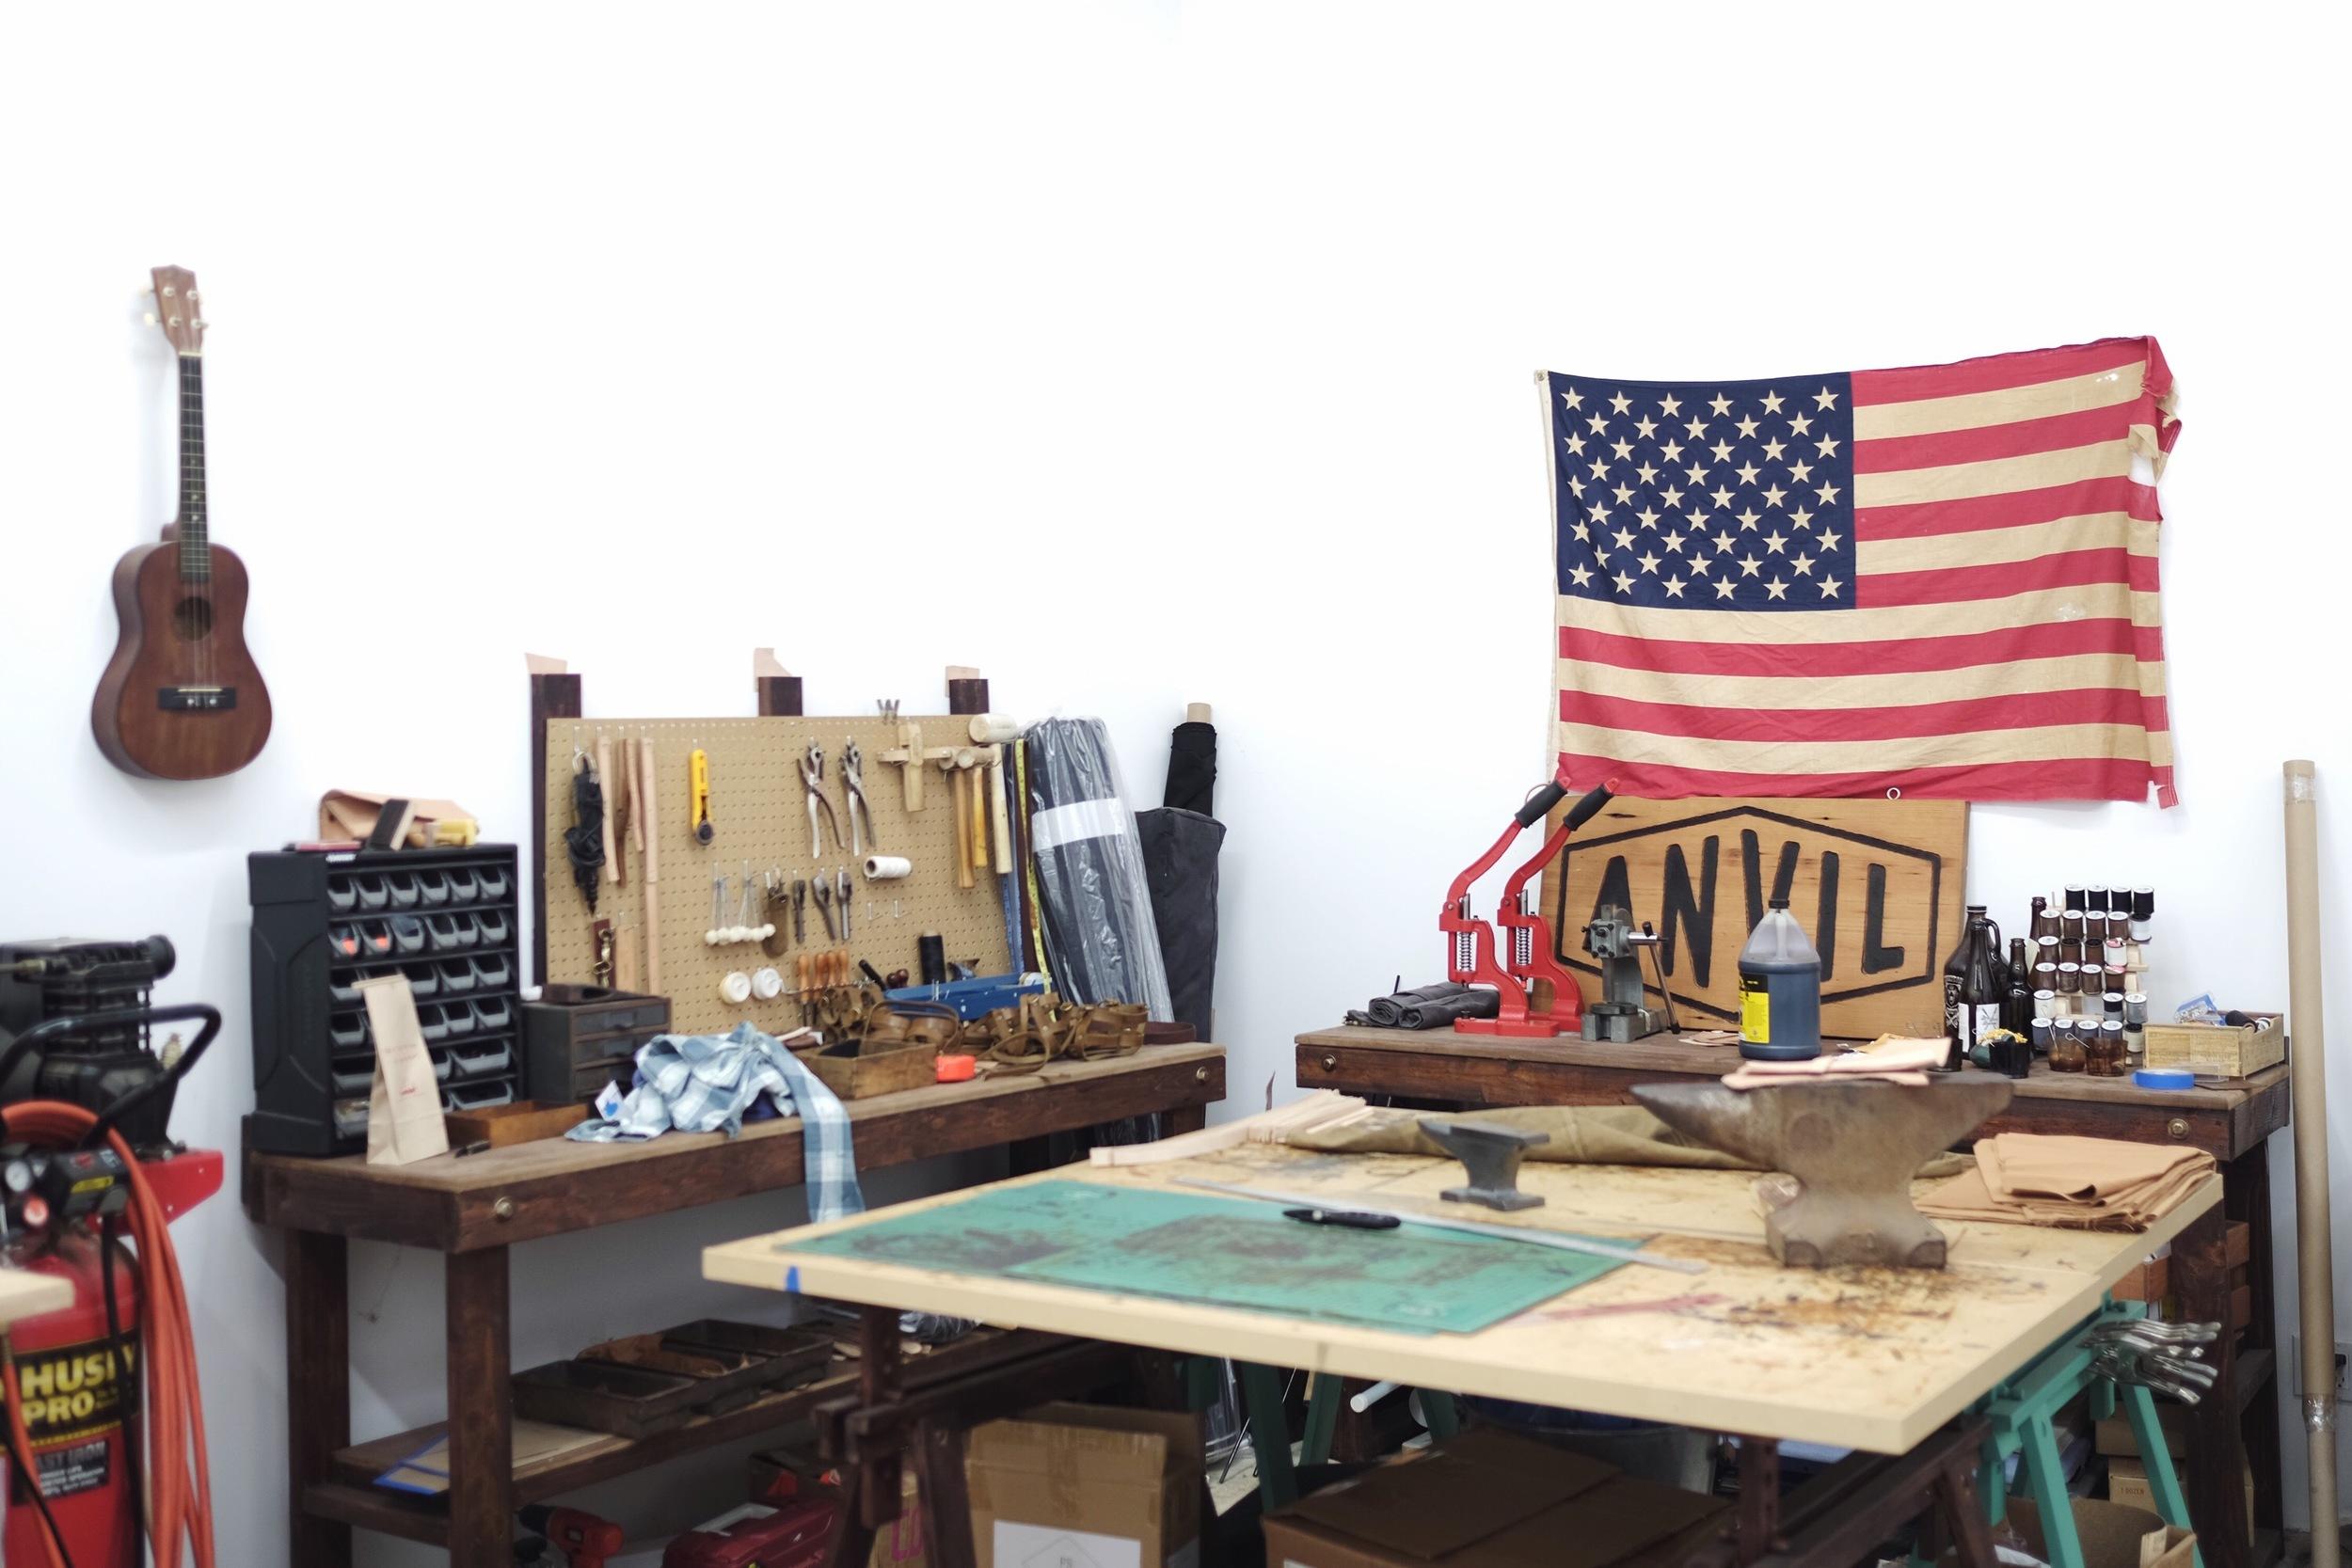 Anvil Handcrafted workshop